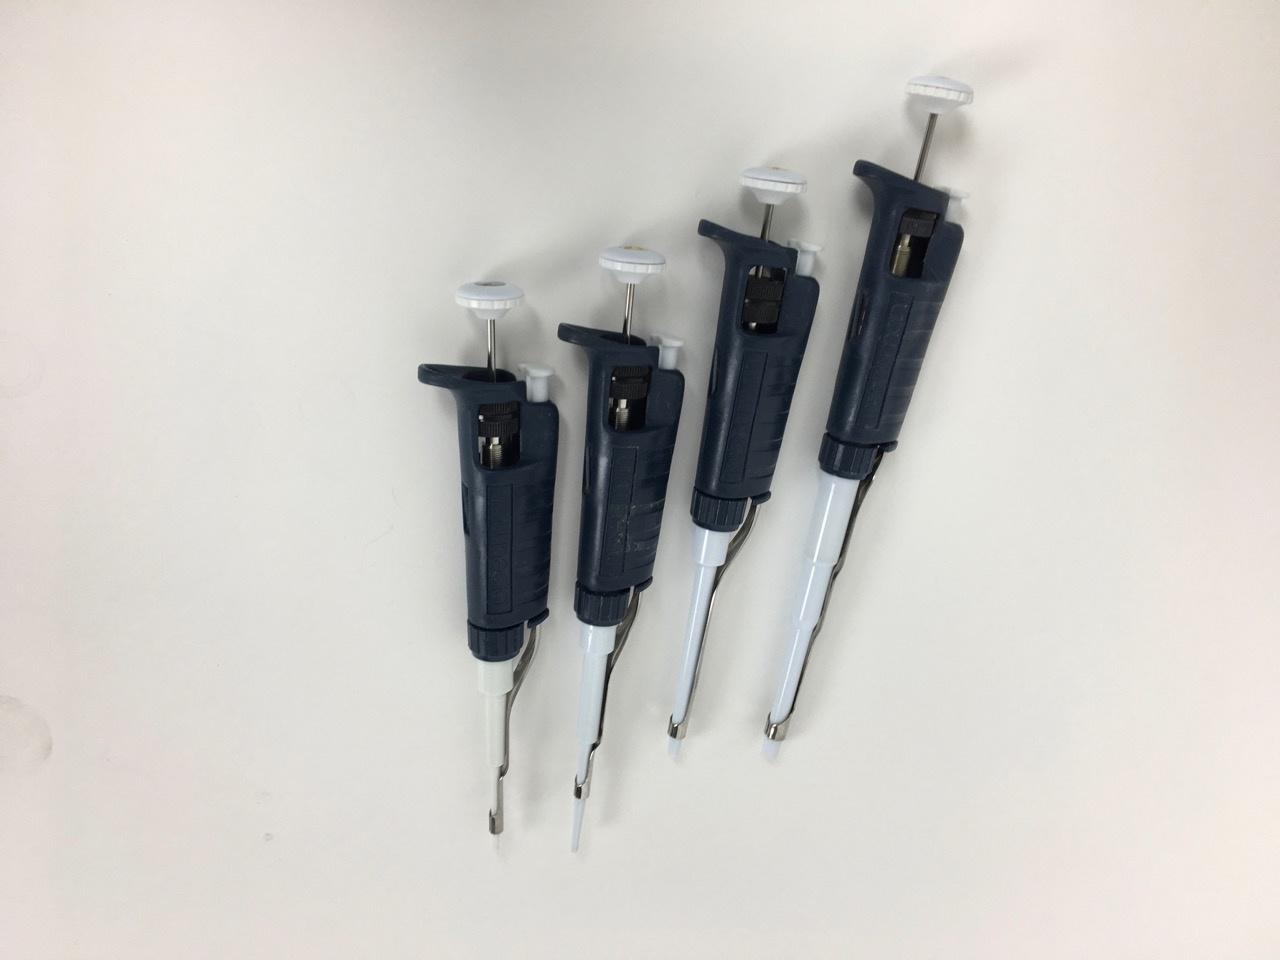 Gilson Gebrauchter Gilson Pipetman Pipettensatz (4 Stk., 0,2 - 1000 µl)